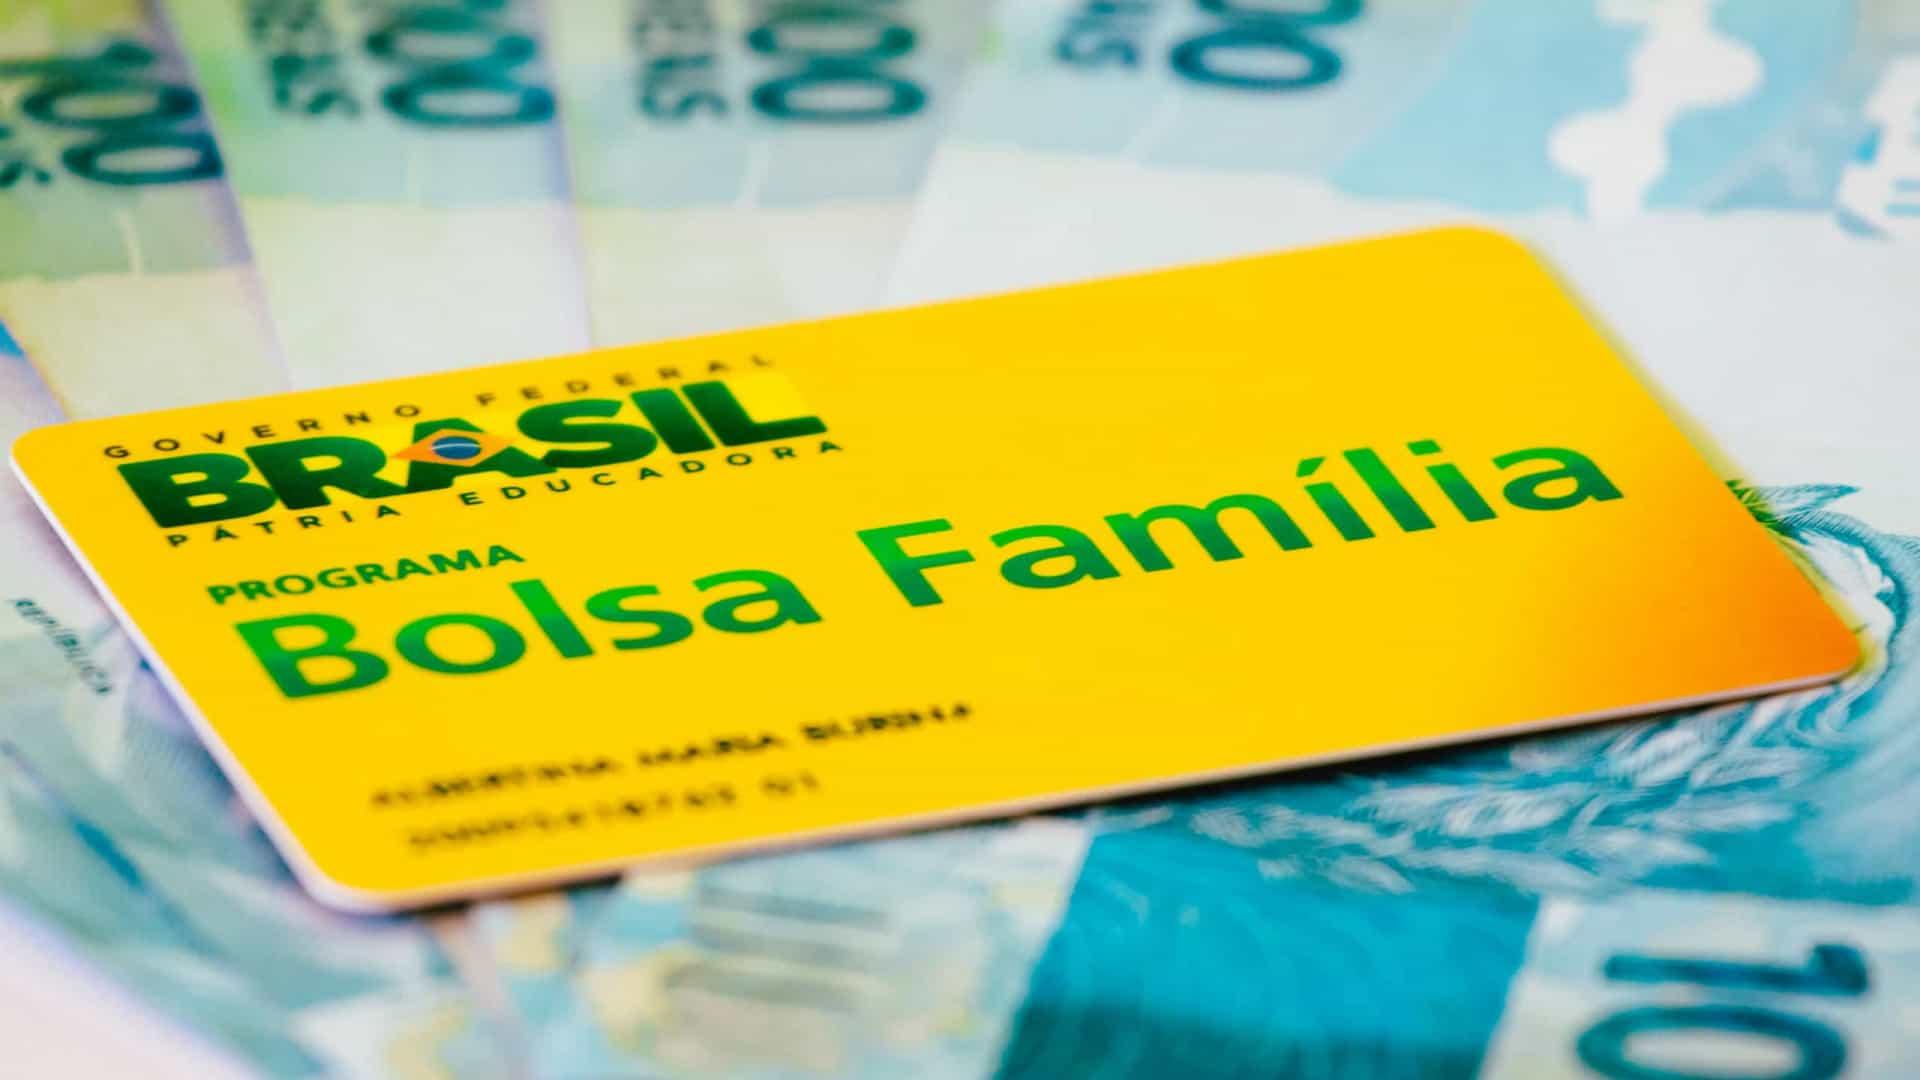 naom 5fb65e3236eda 1 - Governo amplia prazo de saques do Bolsa Família